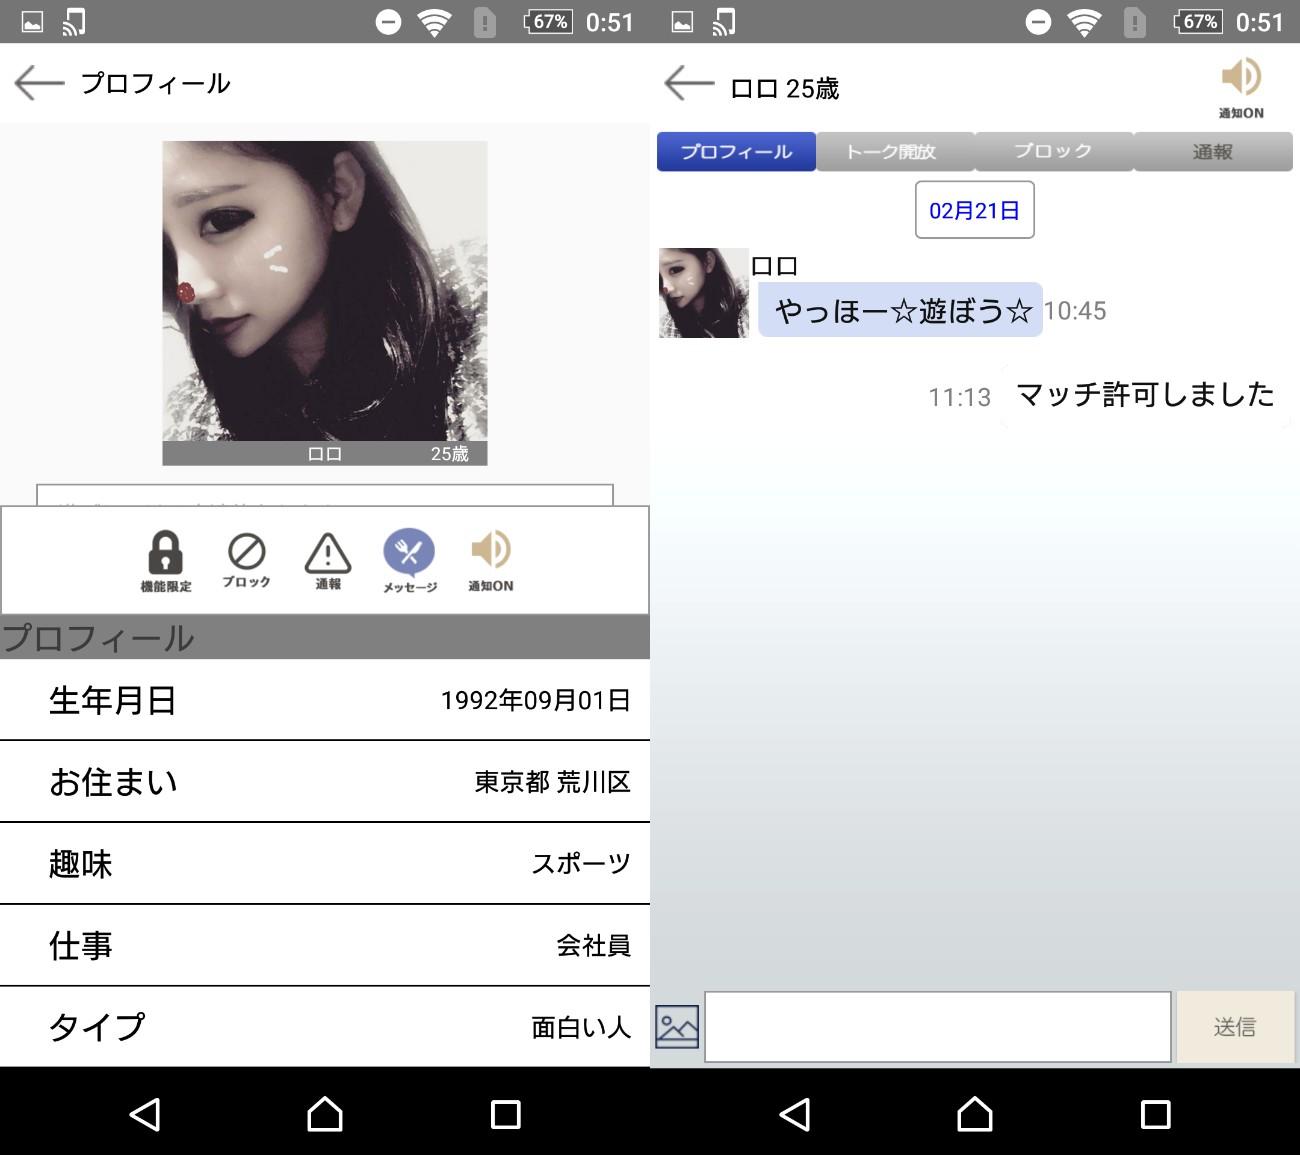 悪質出会い系アプリ「GOURMATE」サクラ